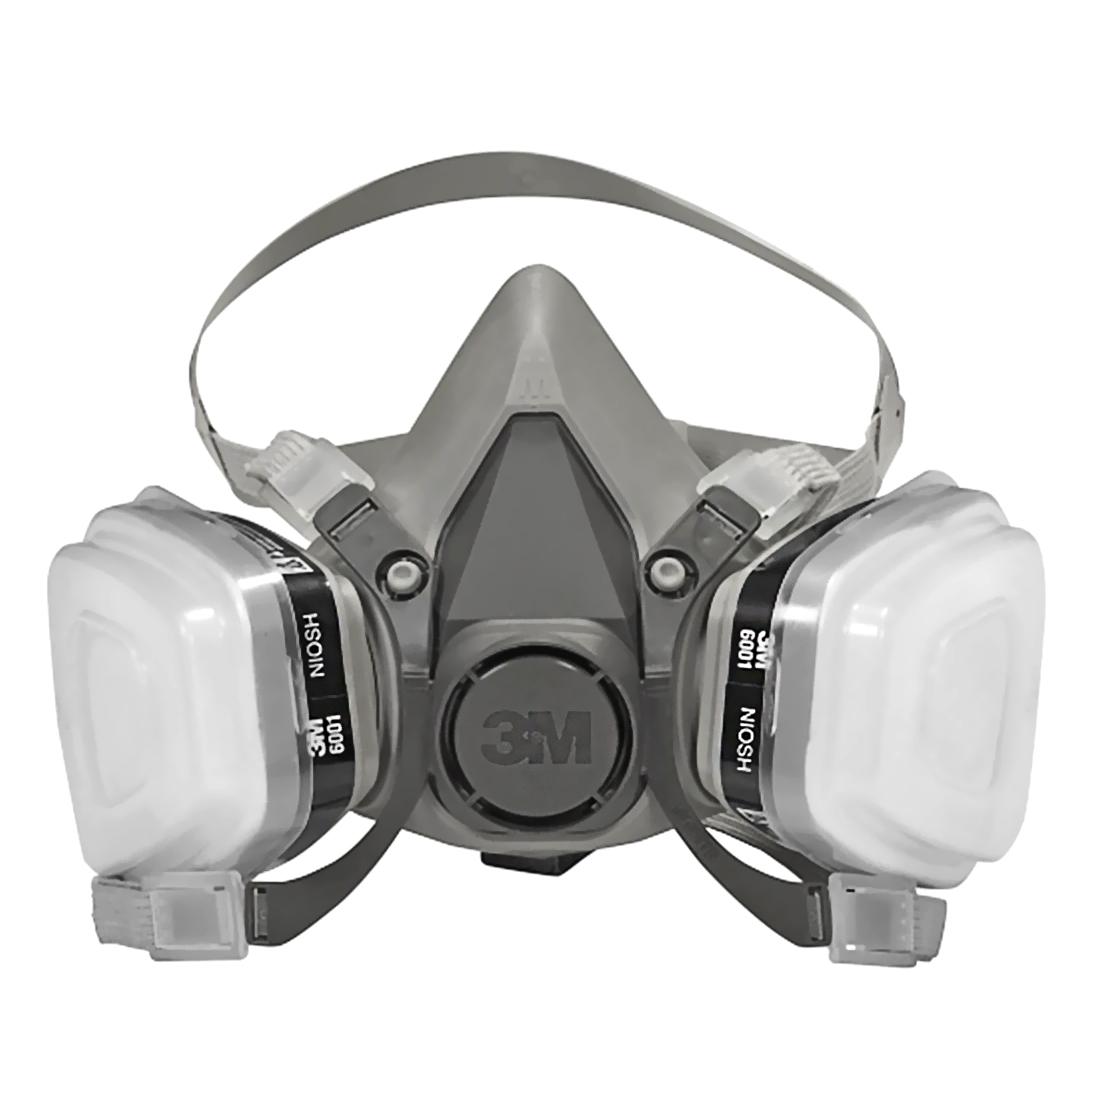 ماسک ایمنی تری ام مدل 52P71